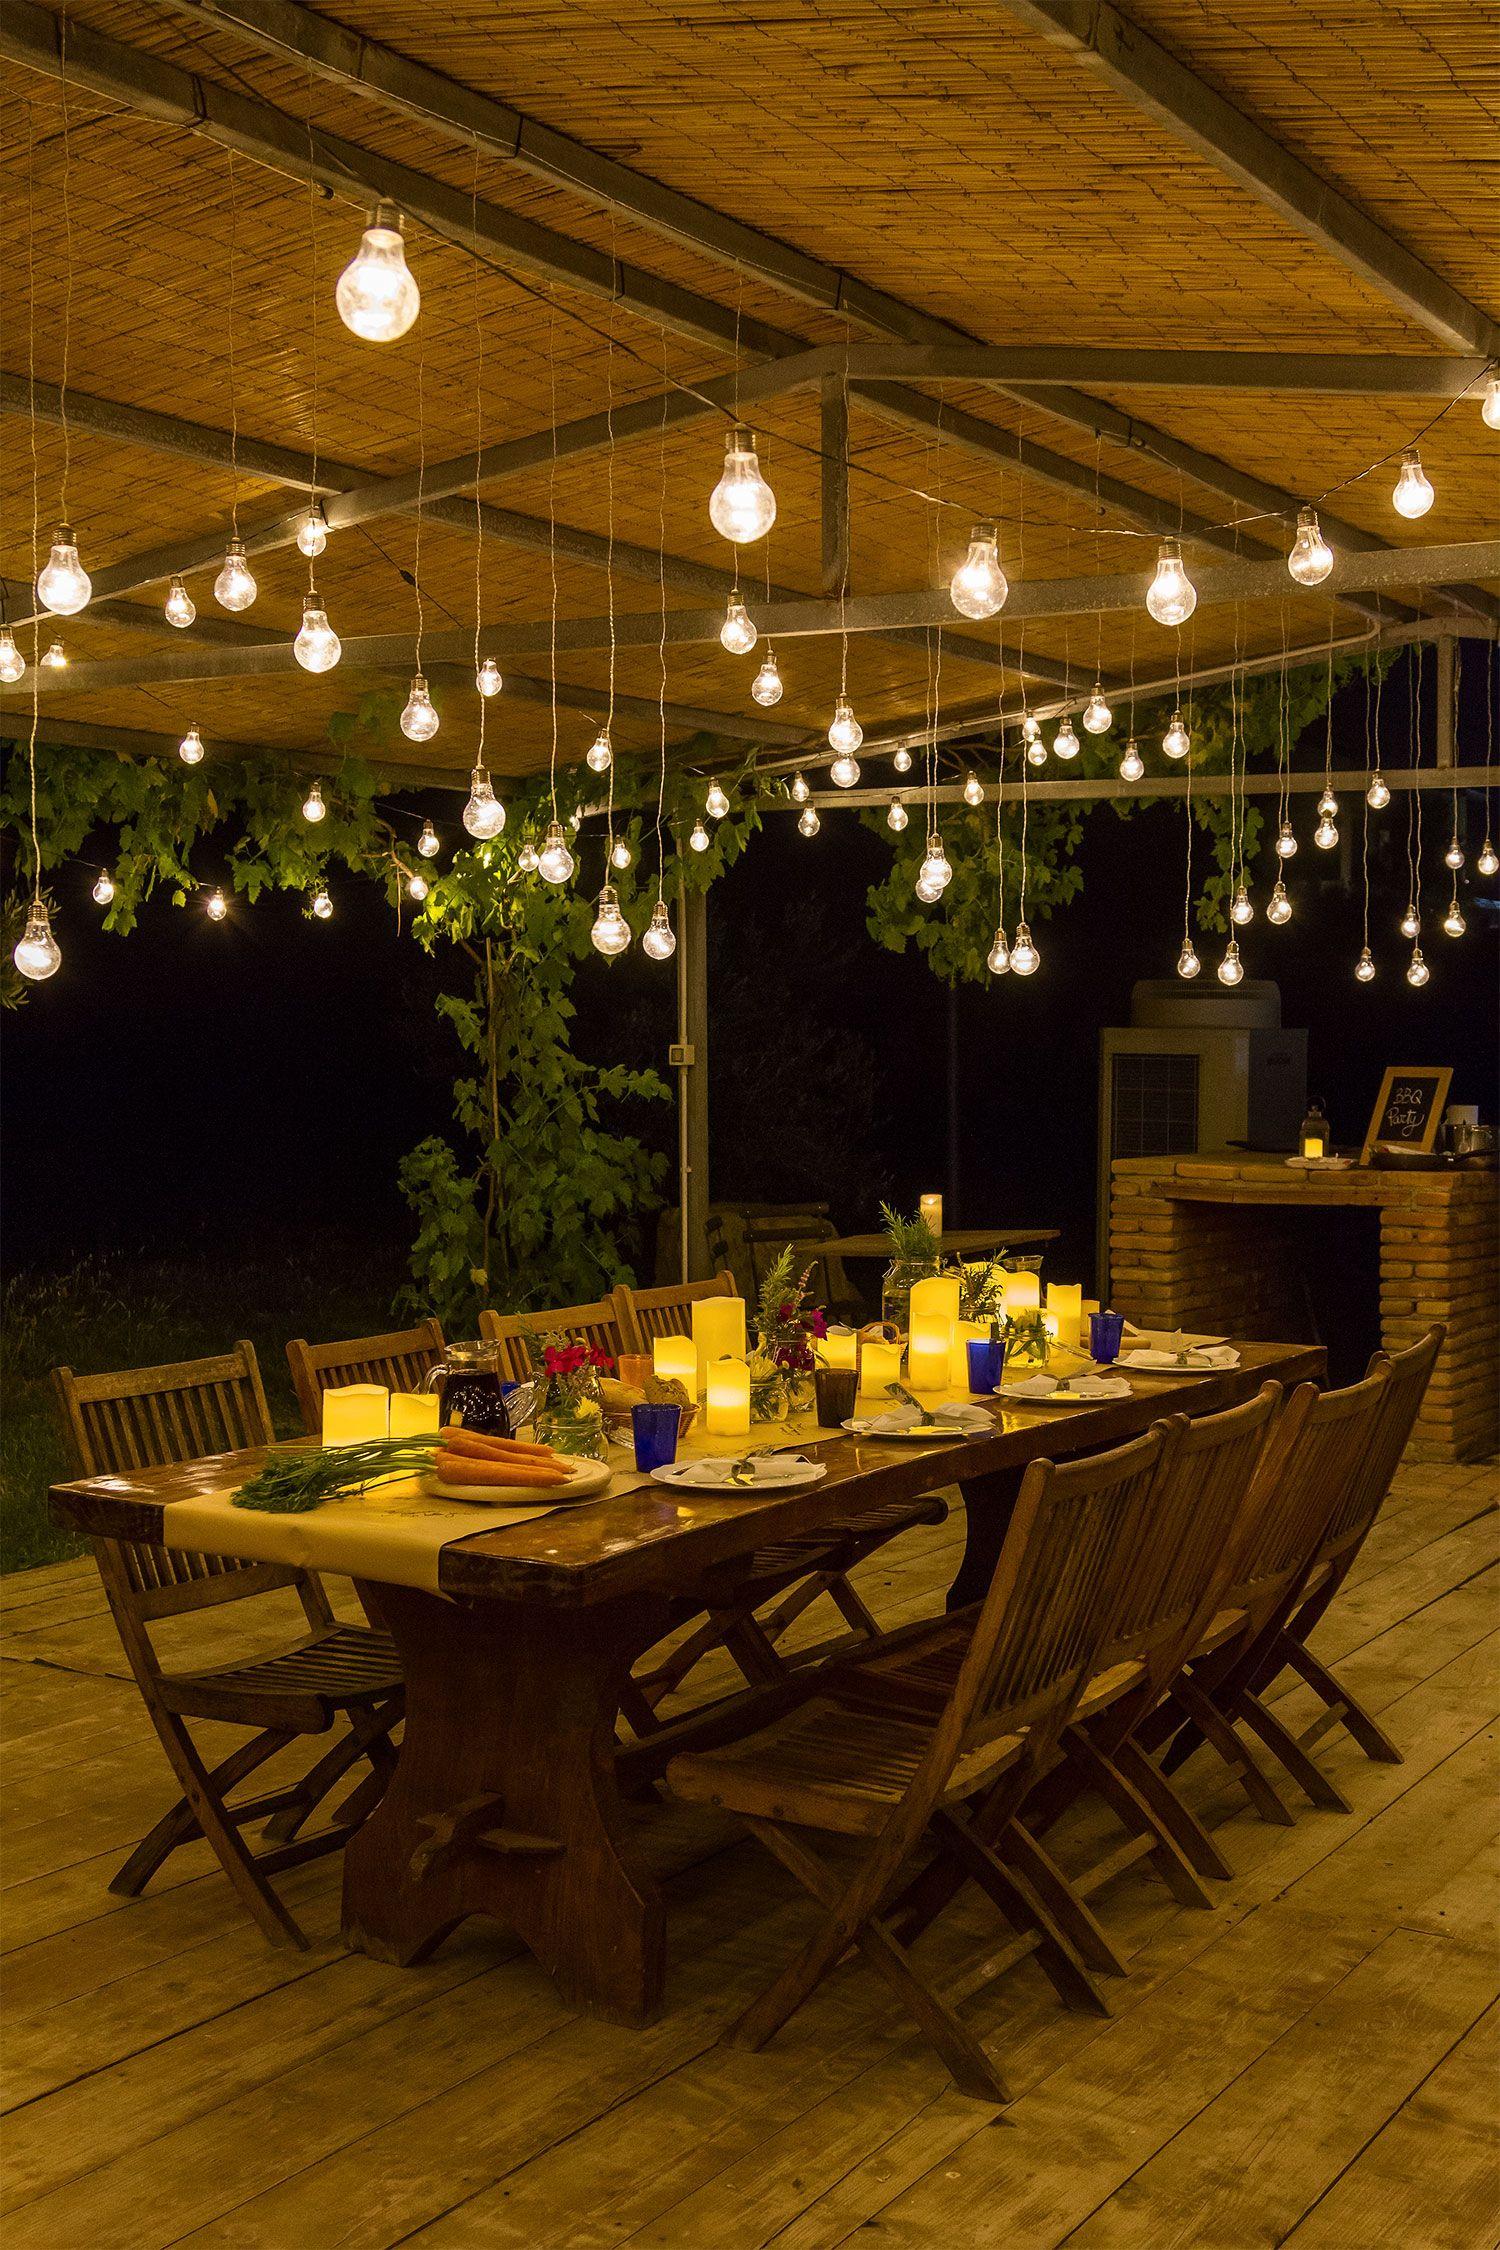 4 stili per la tua festa in giardino | Luci per giardino e terrazzo ...